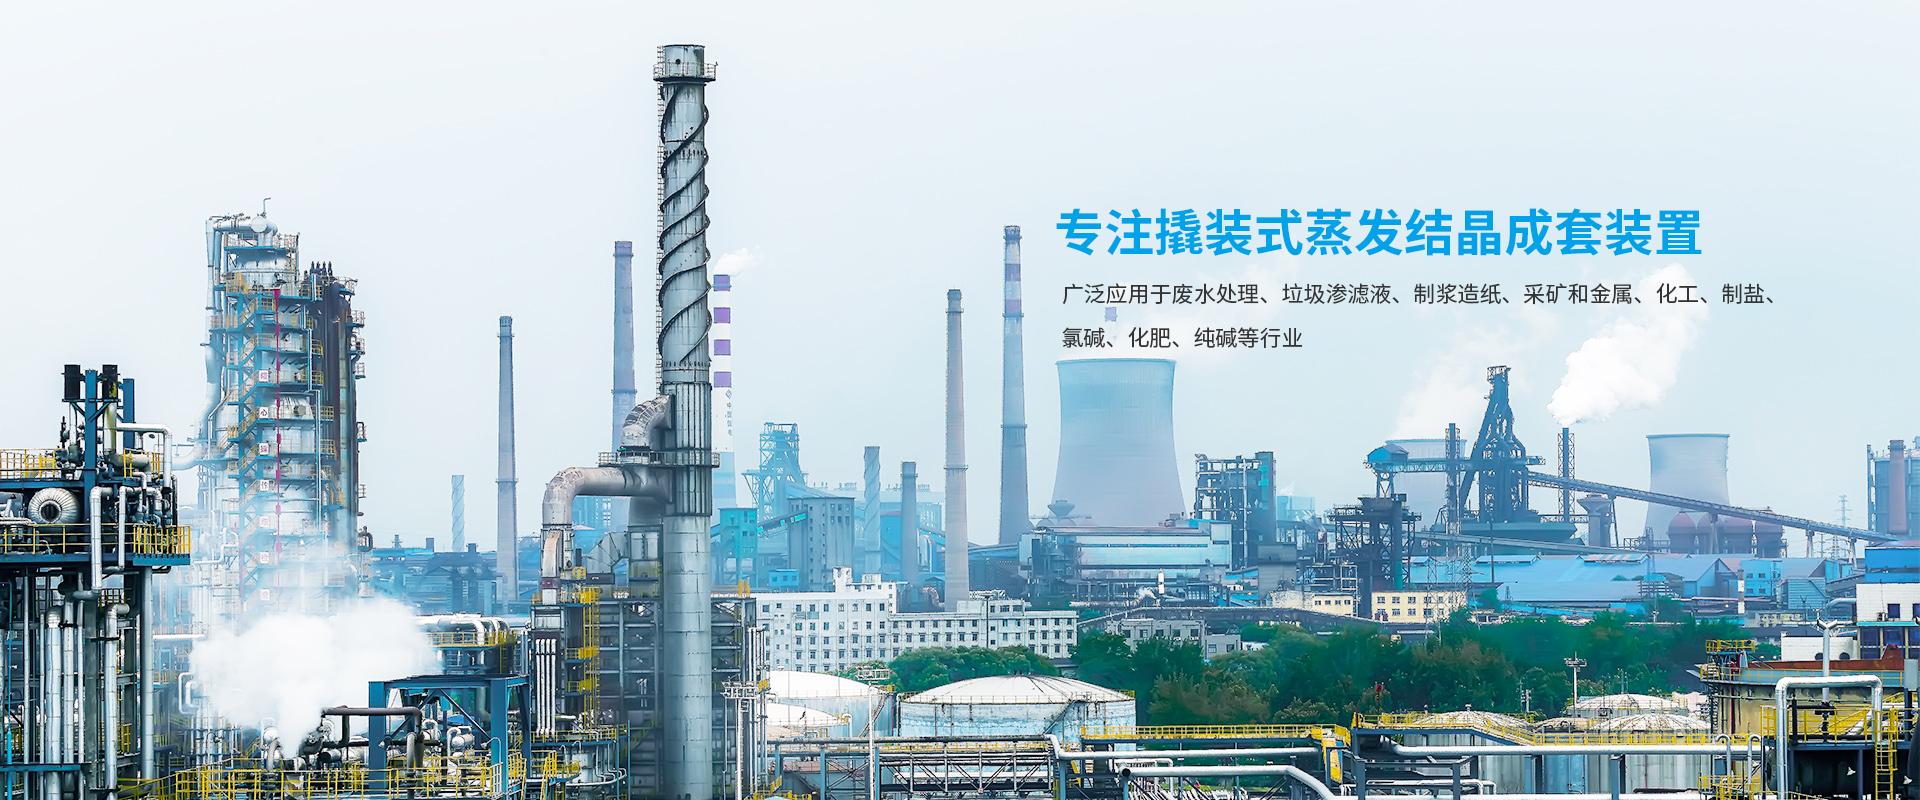 多效蒸发器厂家,mvr蒸发结晶器,mvr蒸发器厂家